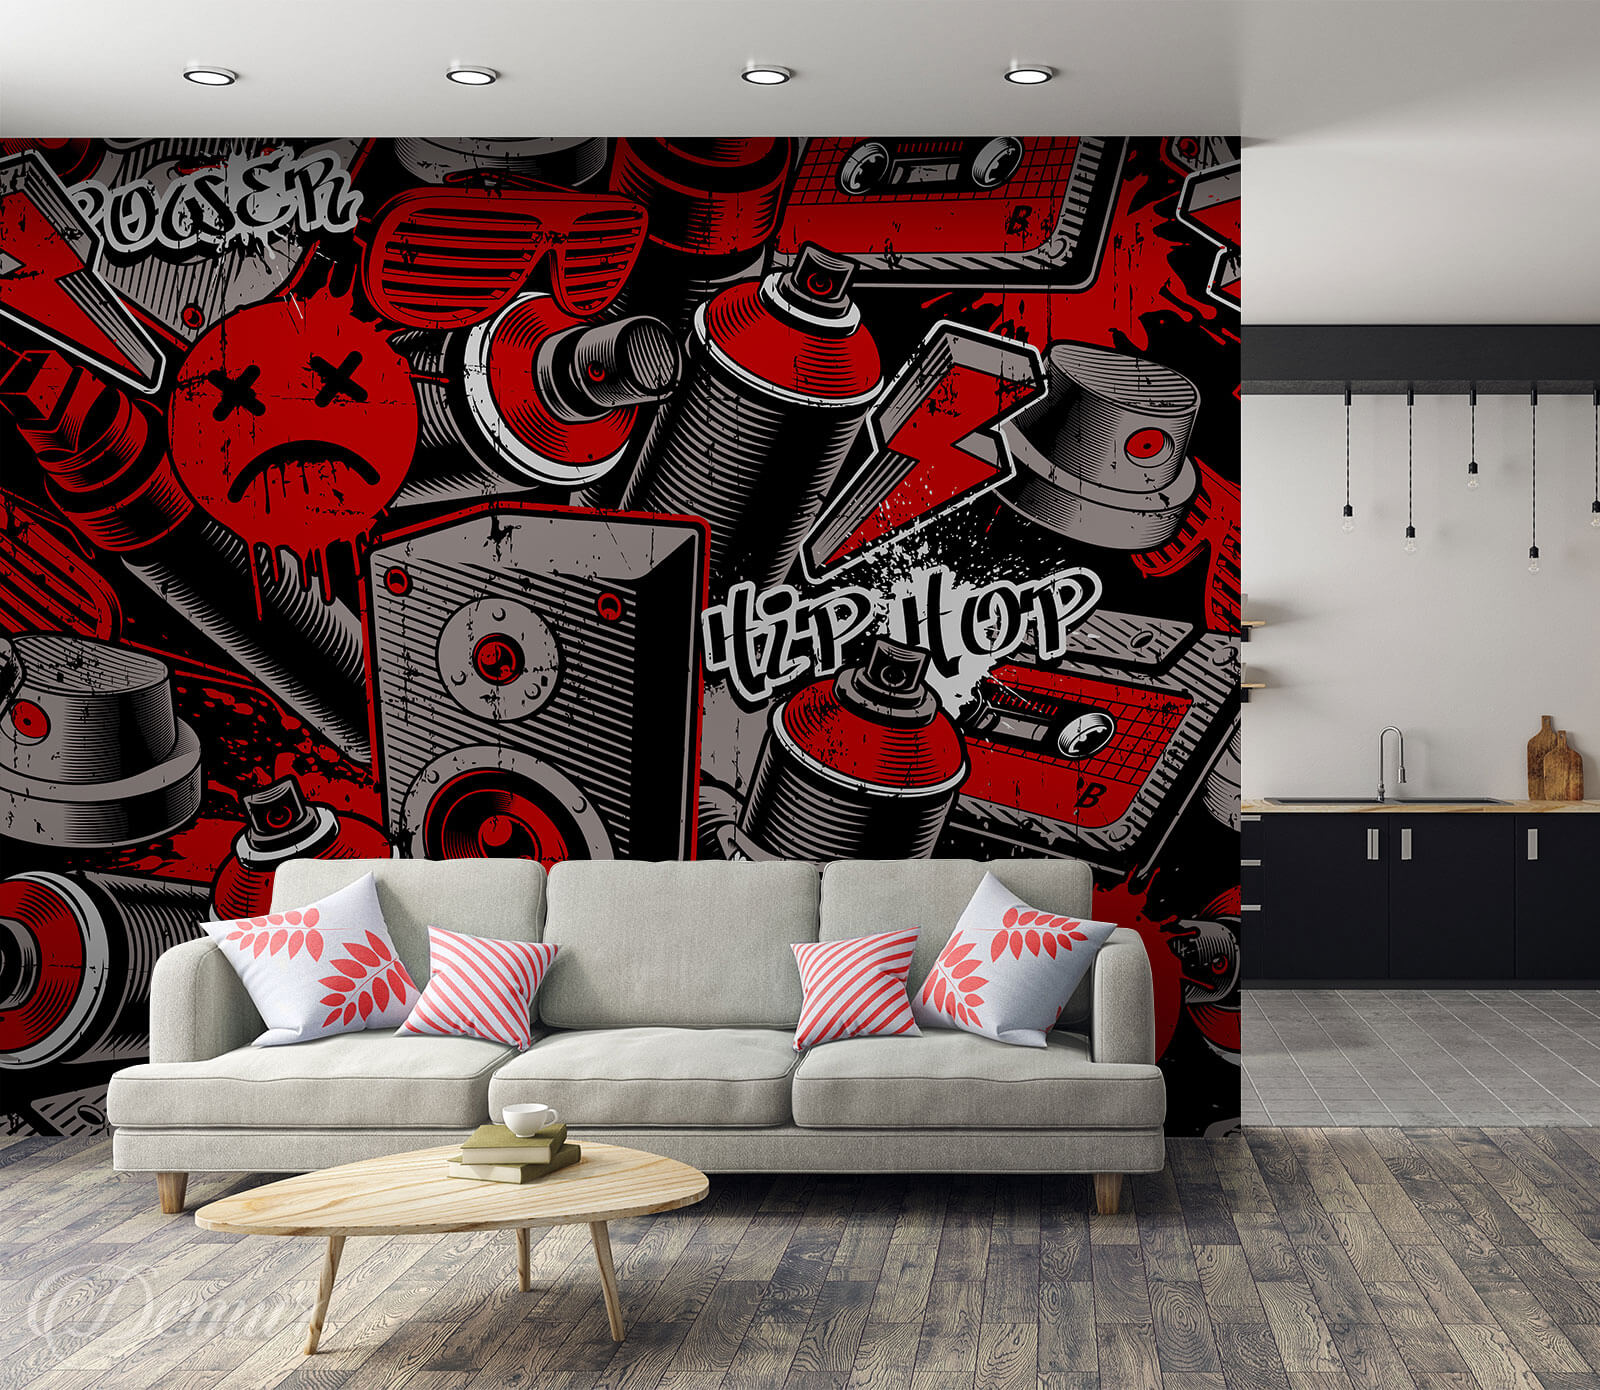 Fototapeta Czerwone Graffiti - Fototapeta graffiti - Demur